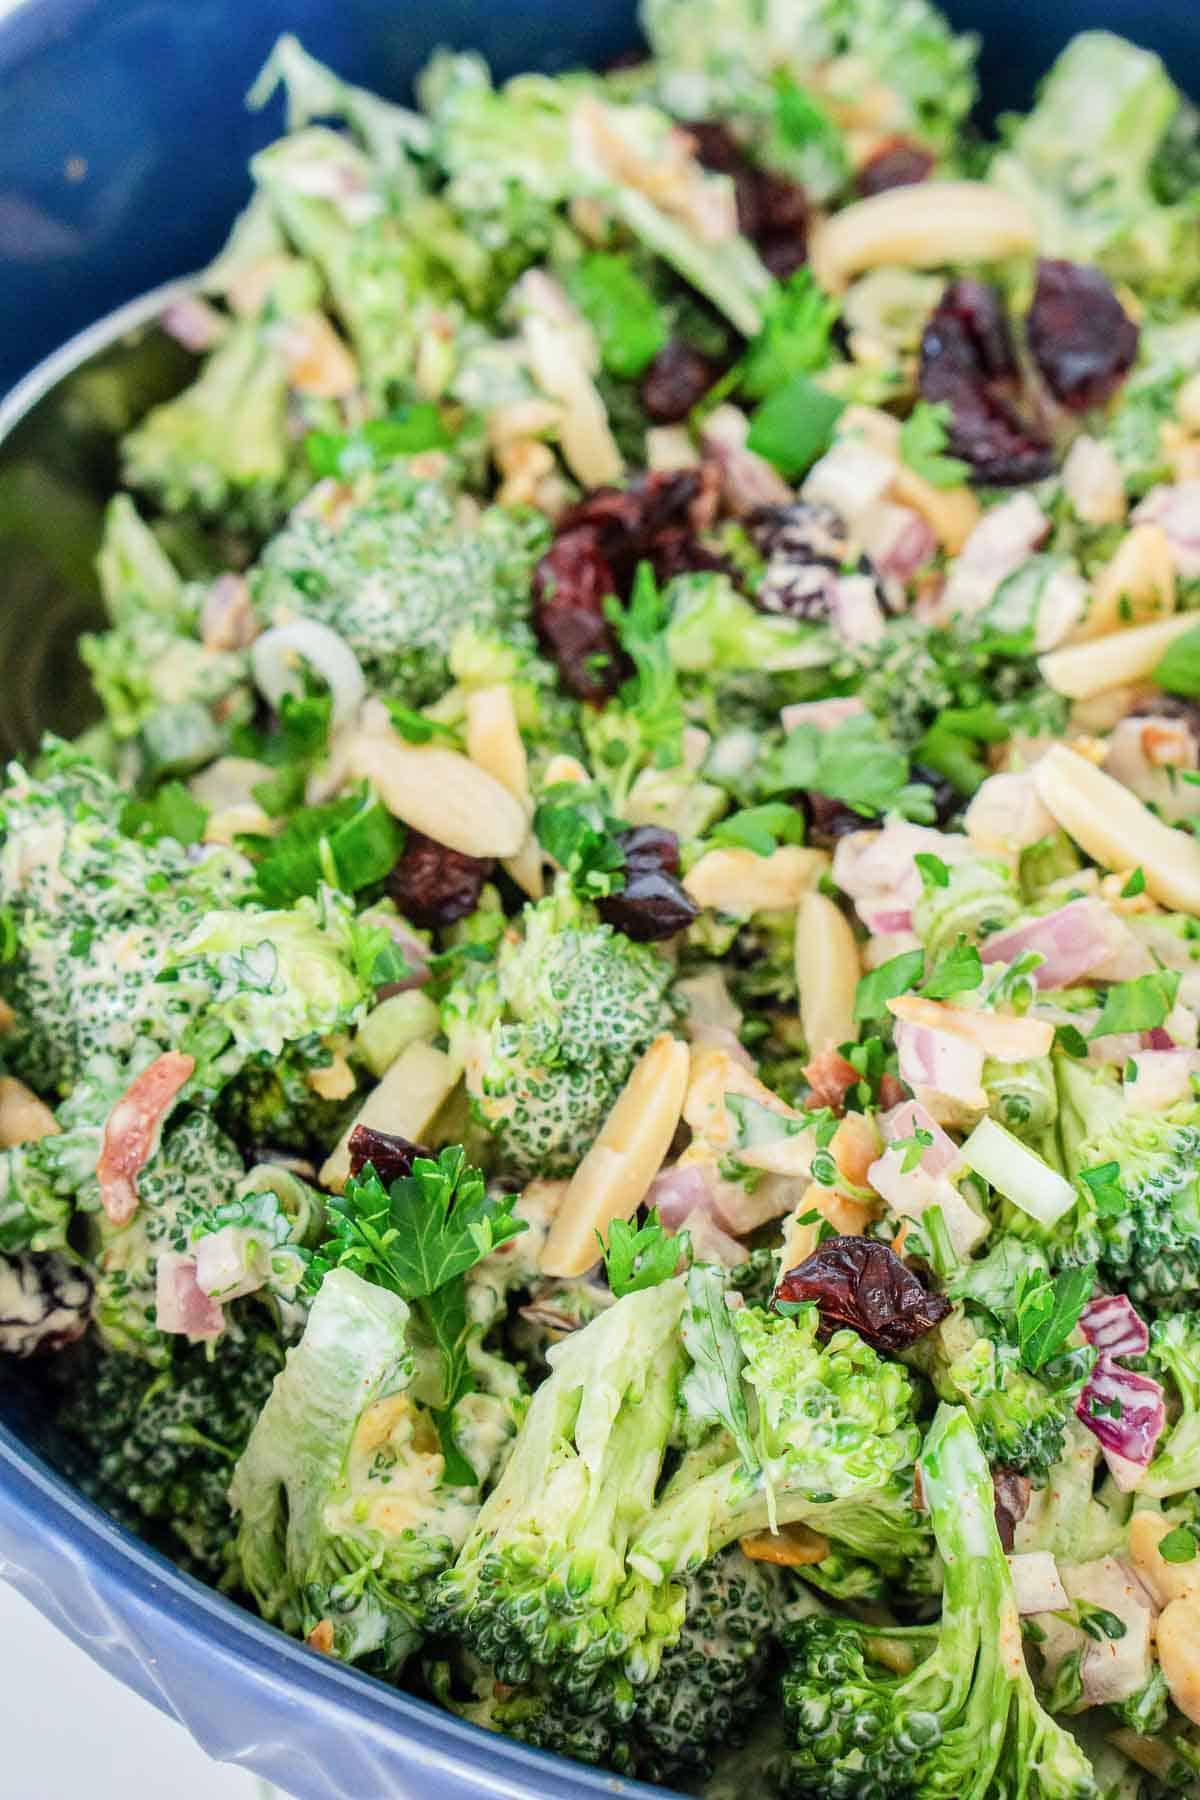 Vegan broccoli salad with vegan mayo.